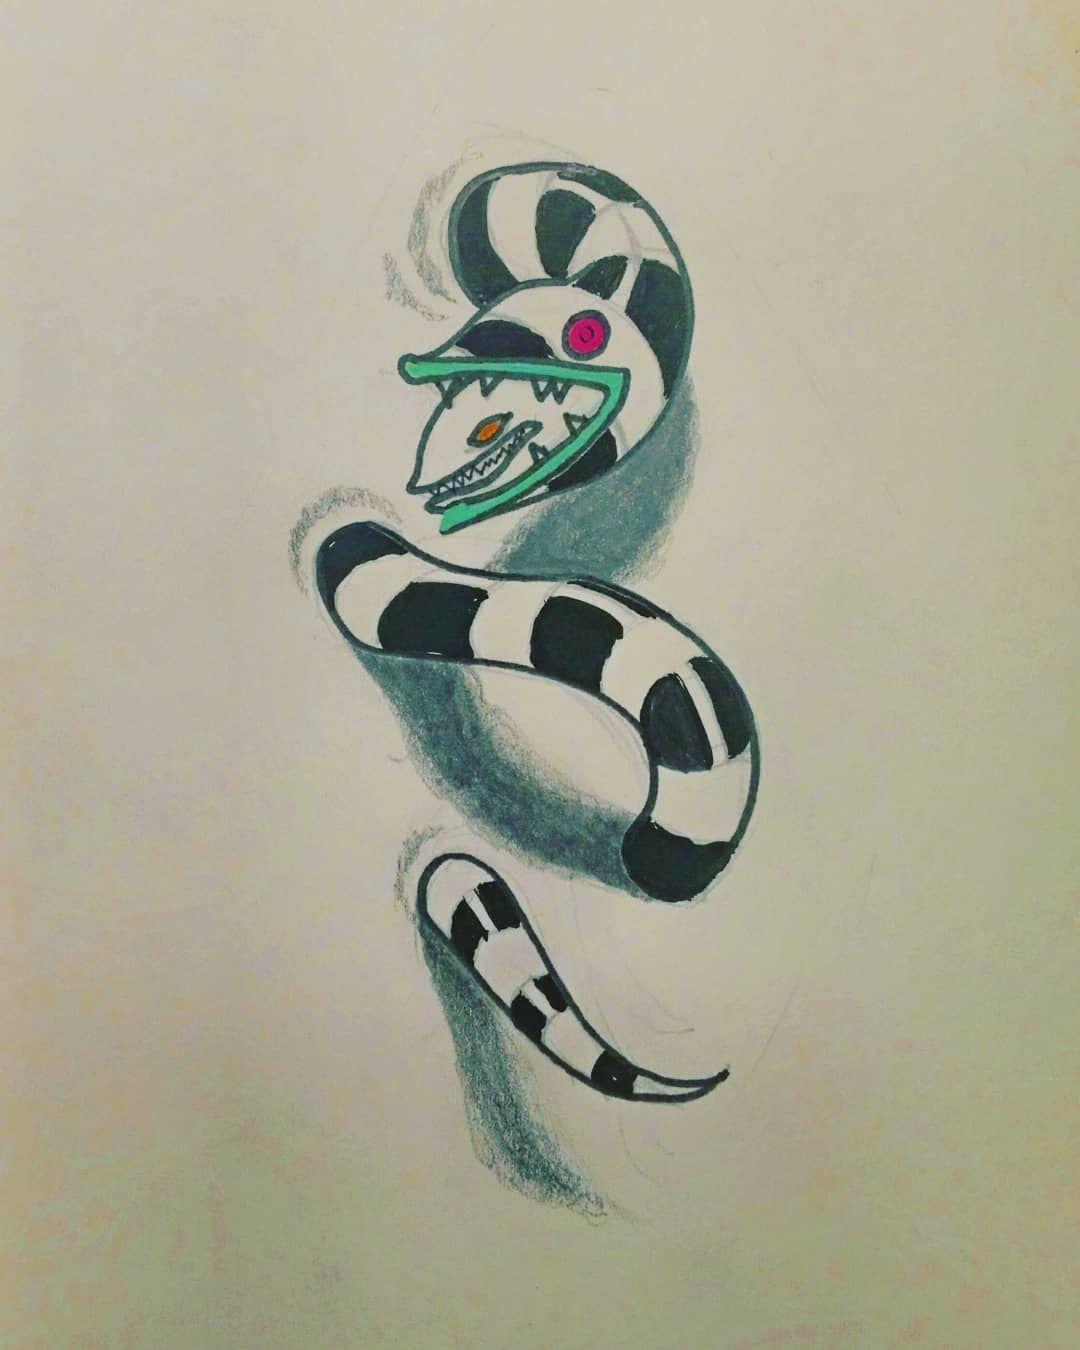 Pin By Kayla Chudzik Holt On Art Beetlejuice Tattoo Tim Burton Art Tim Burton Tattoo